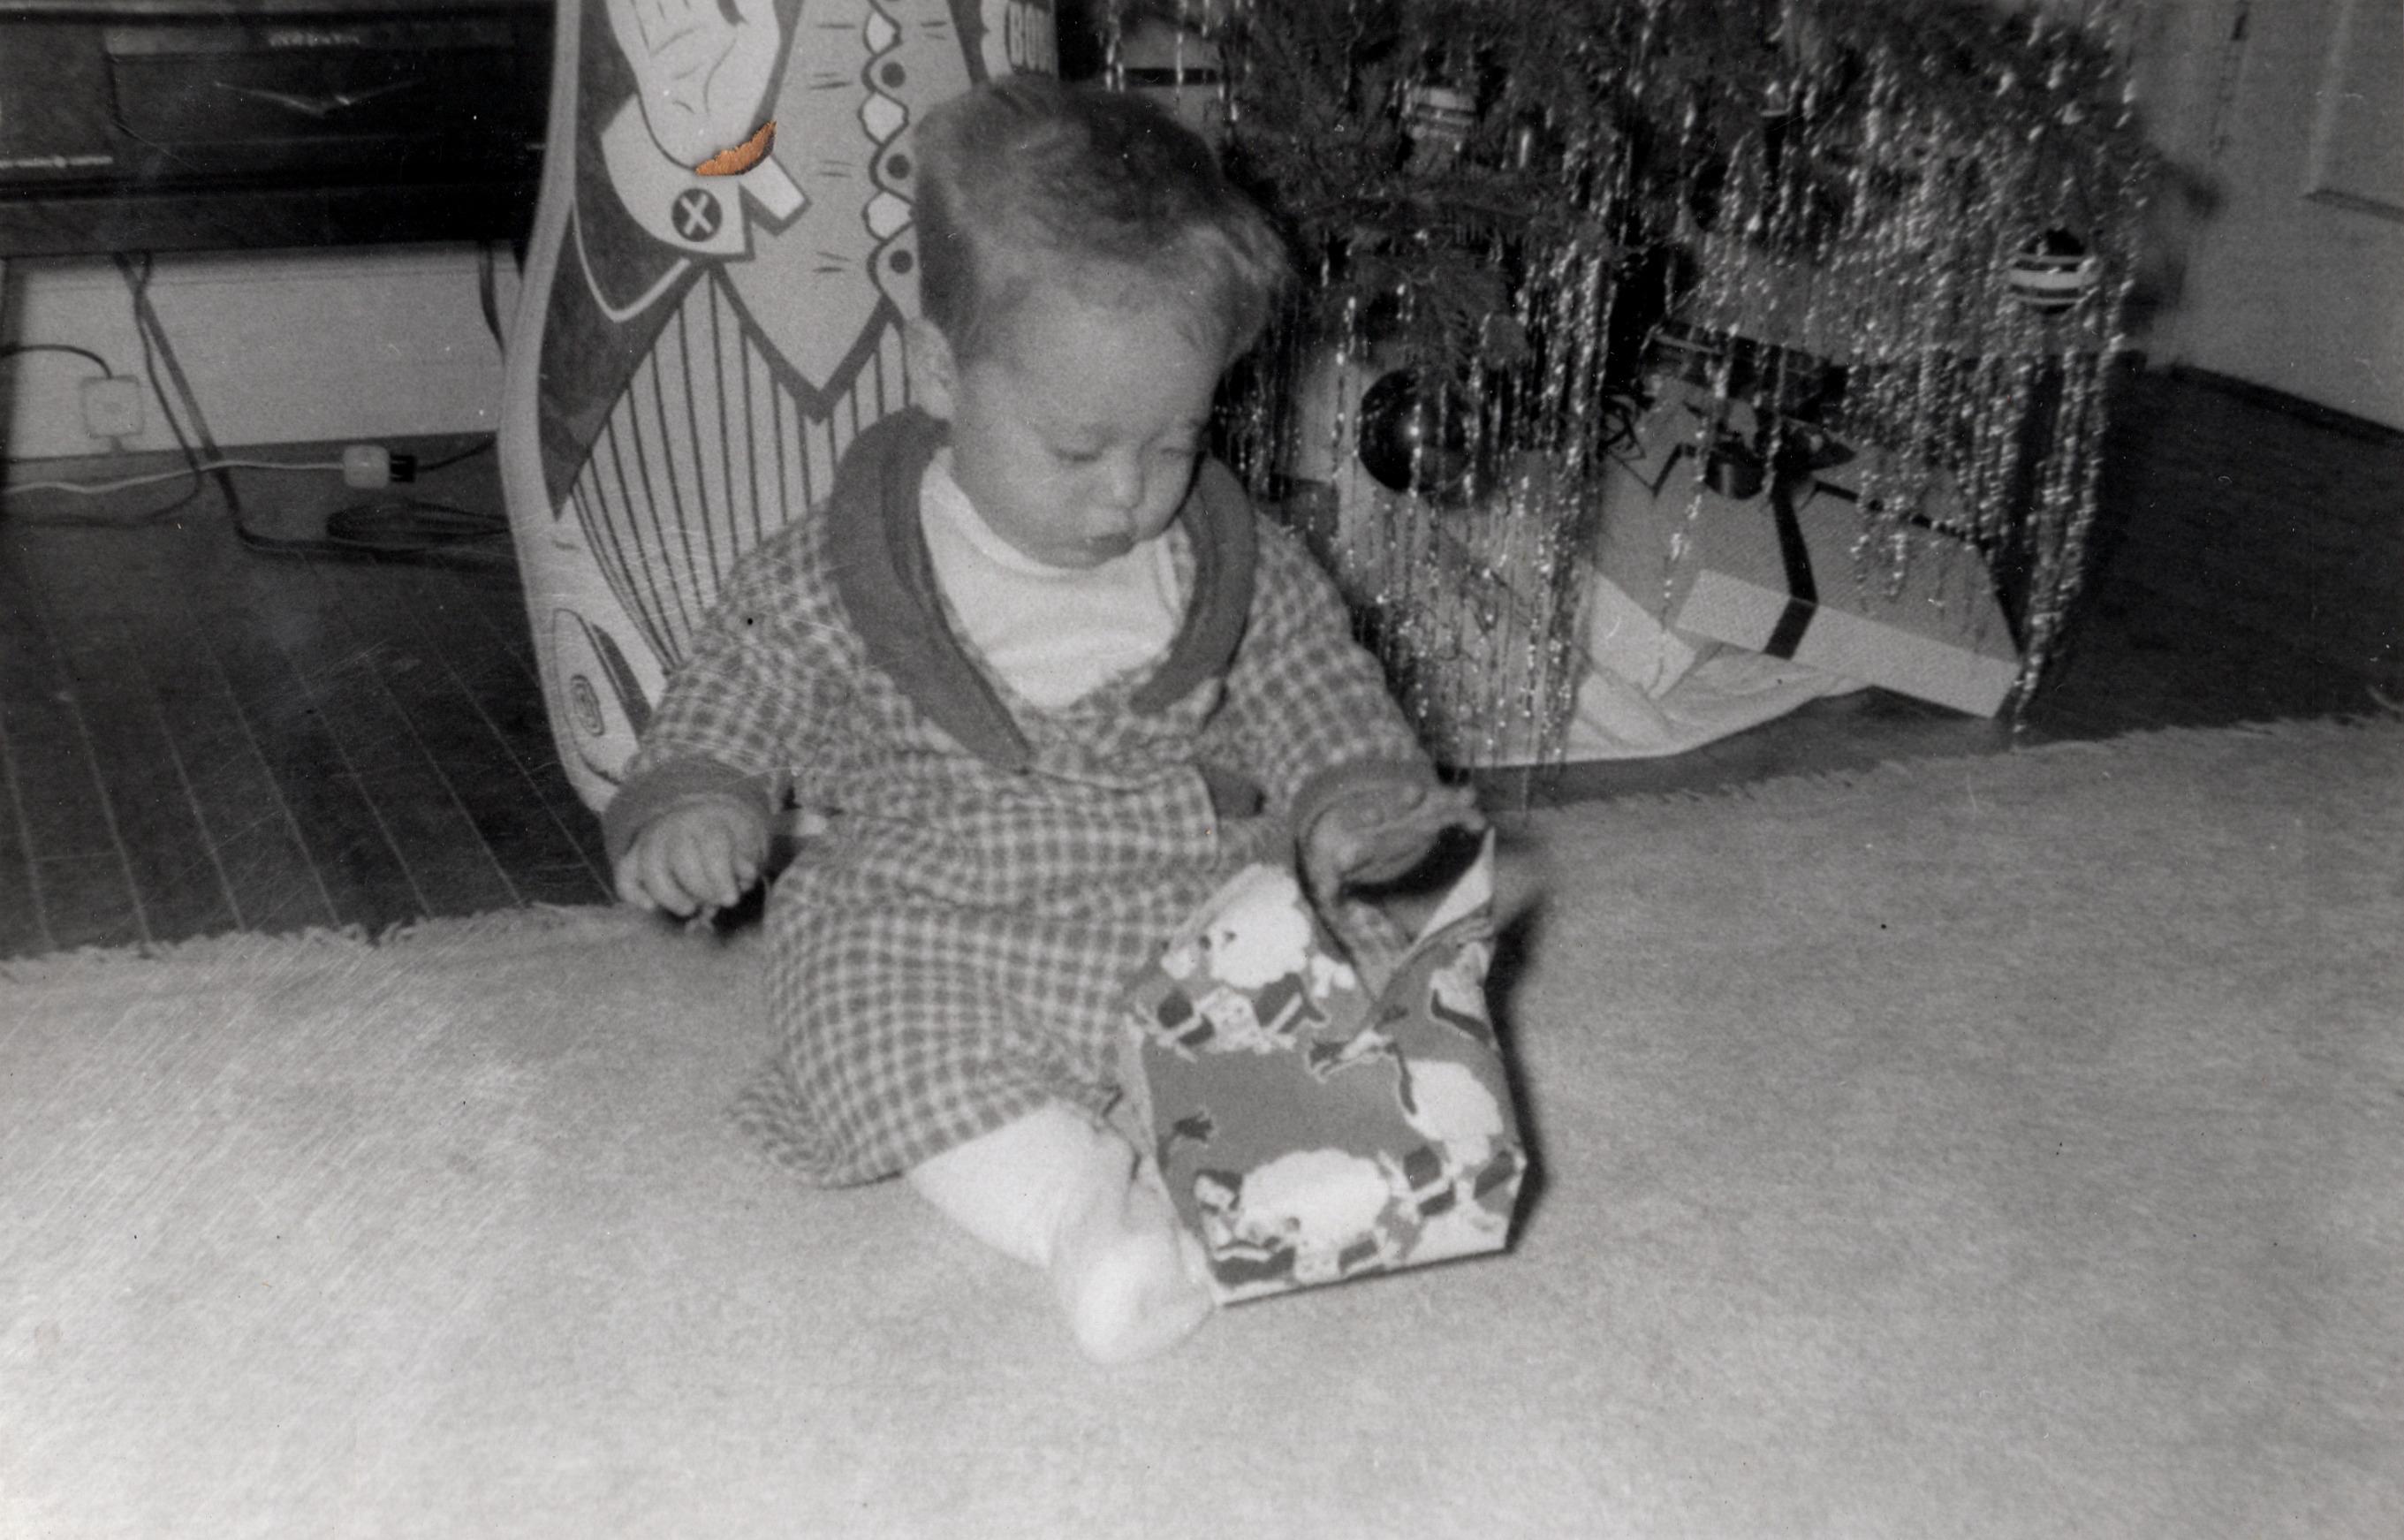 Buddy at Christmas